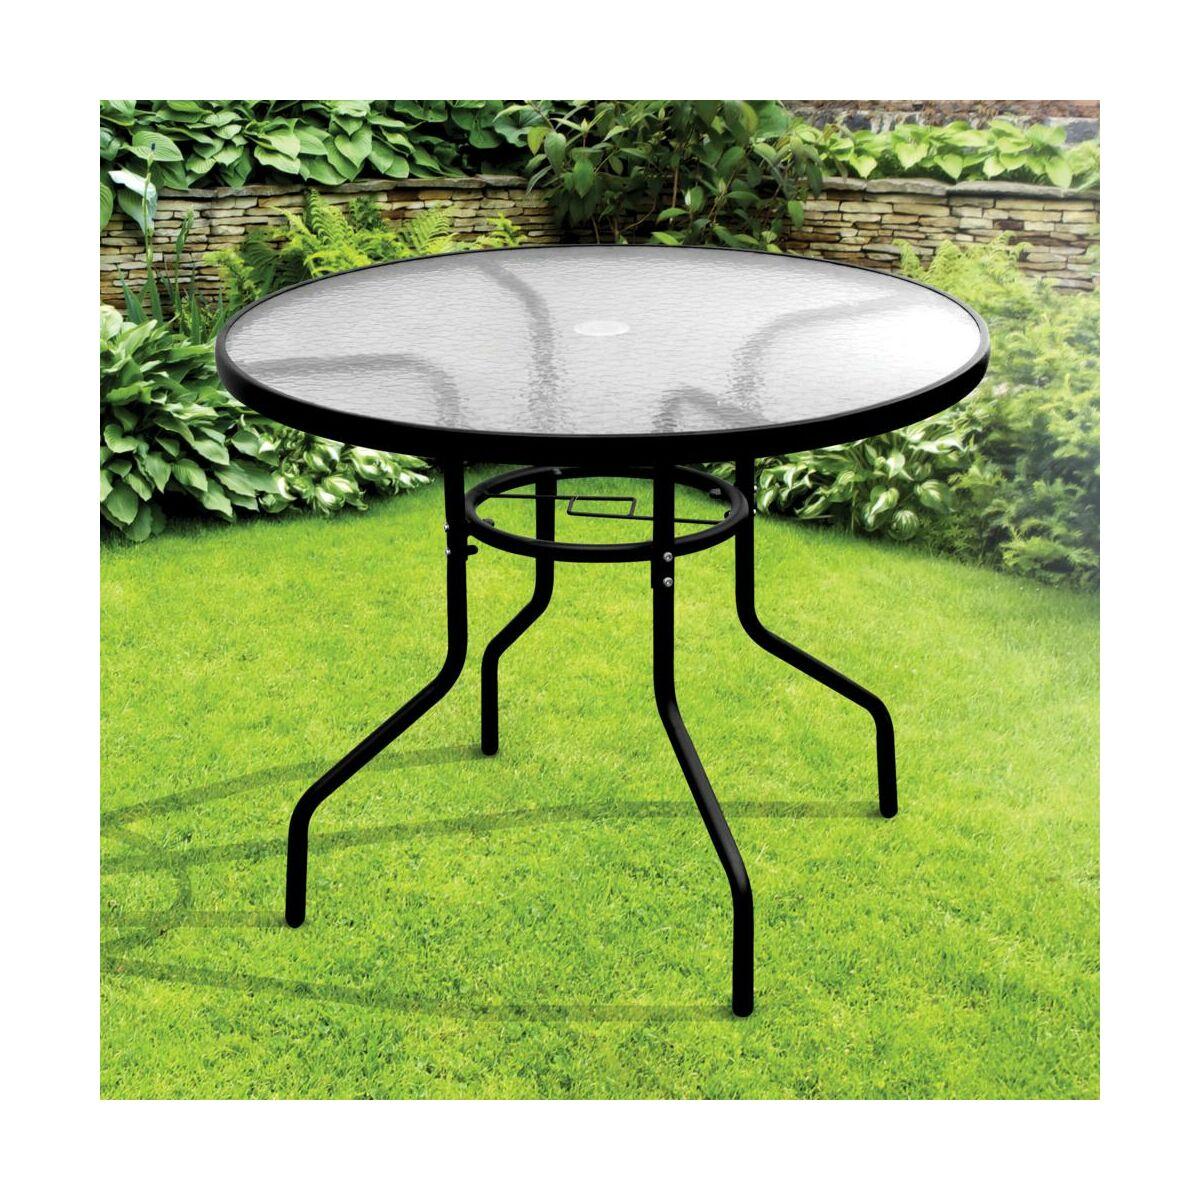 005d42c9011482 Stół ogrodowy BISTRO 90 cm - Stoły ogrodowe - w atrakcyjnej cenie w ...